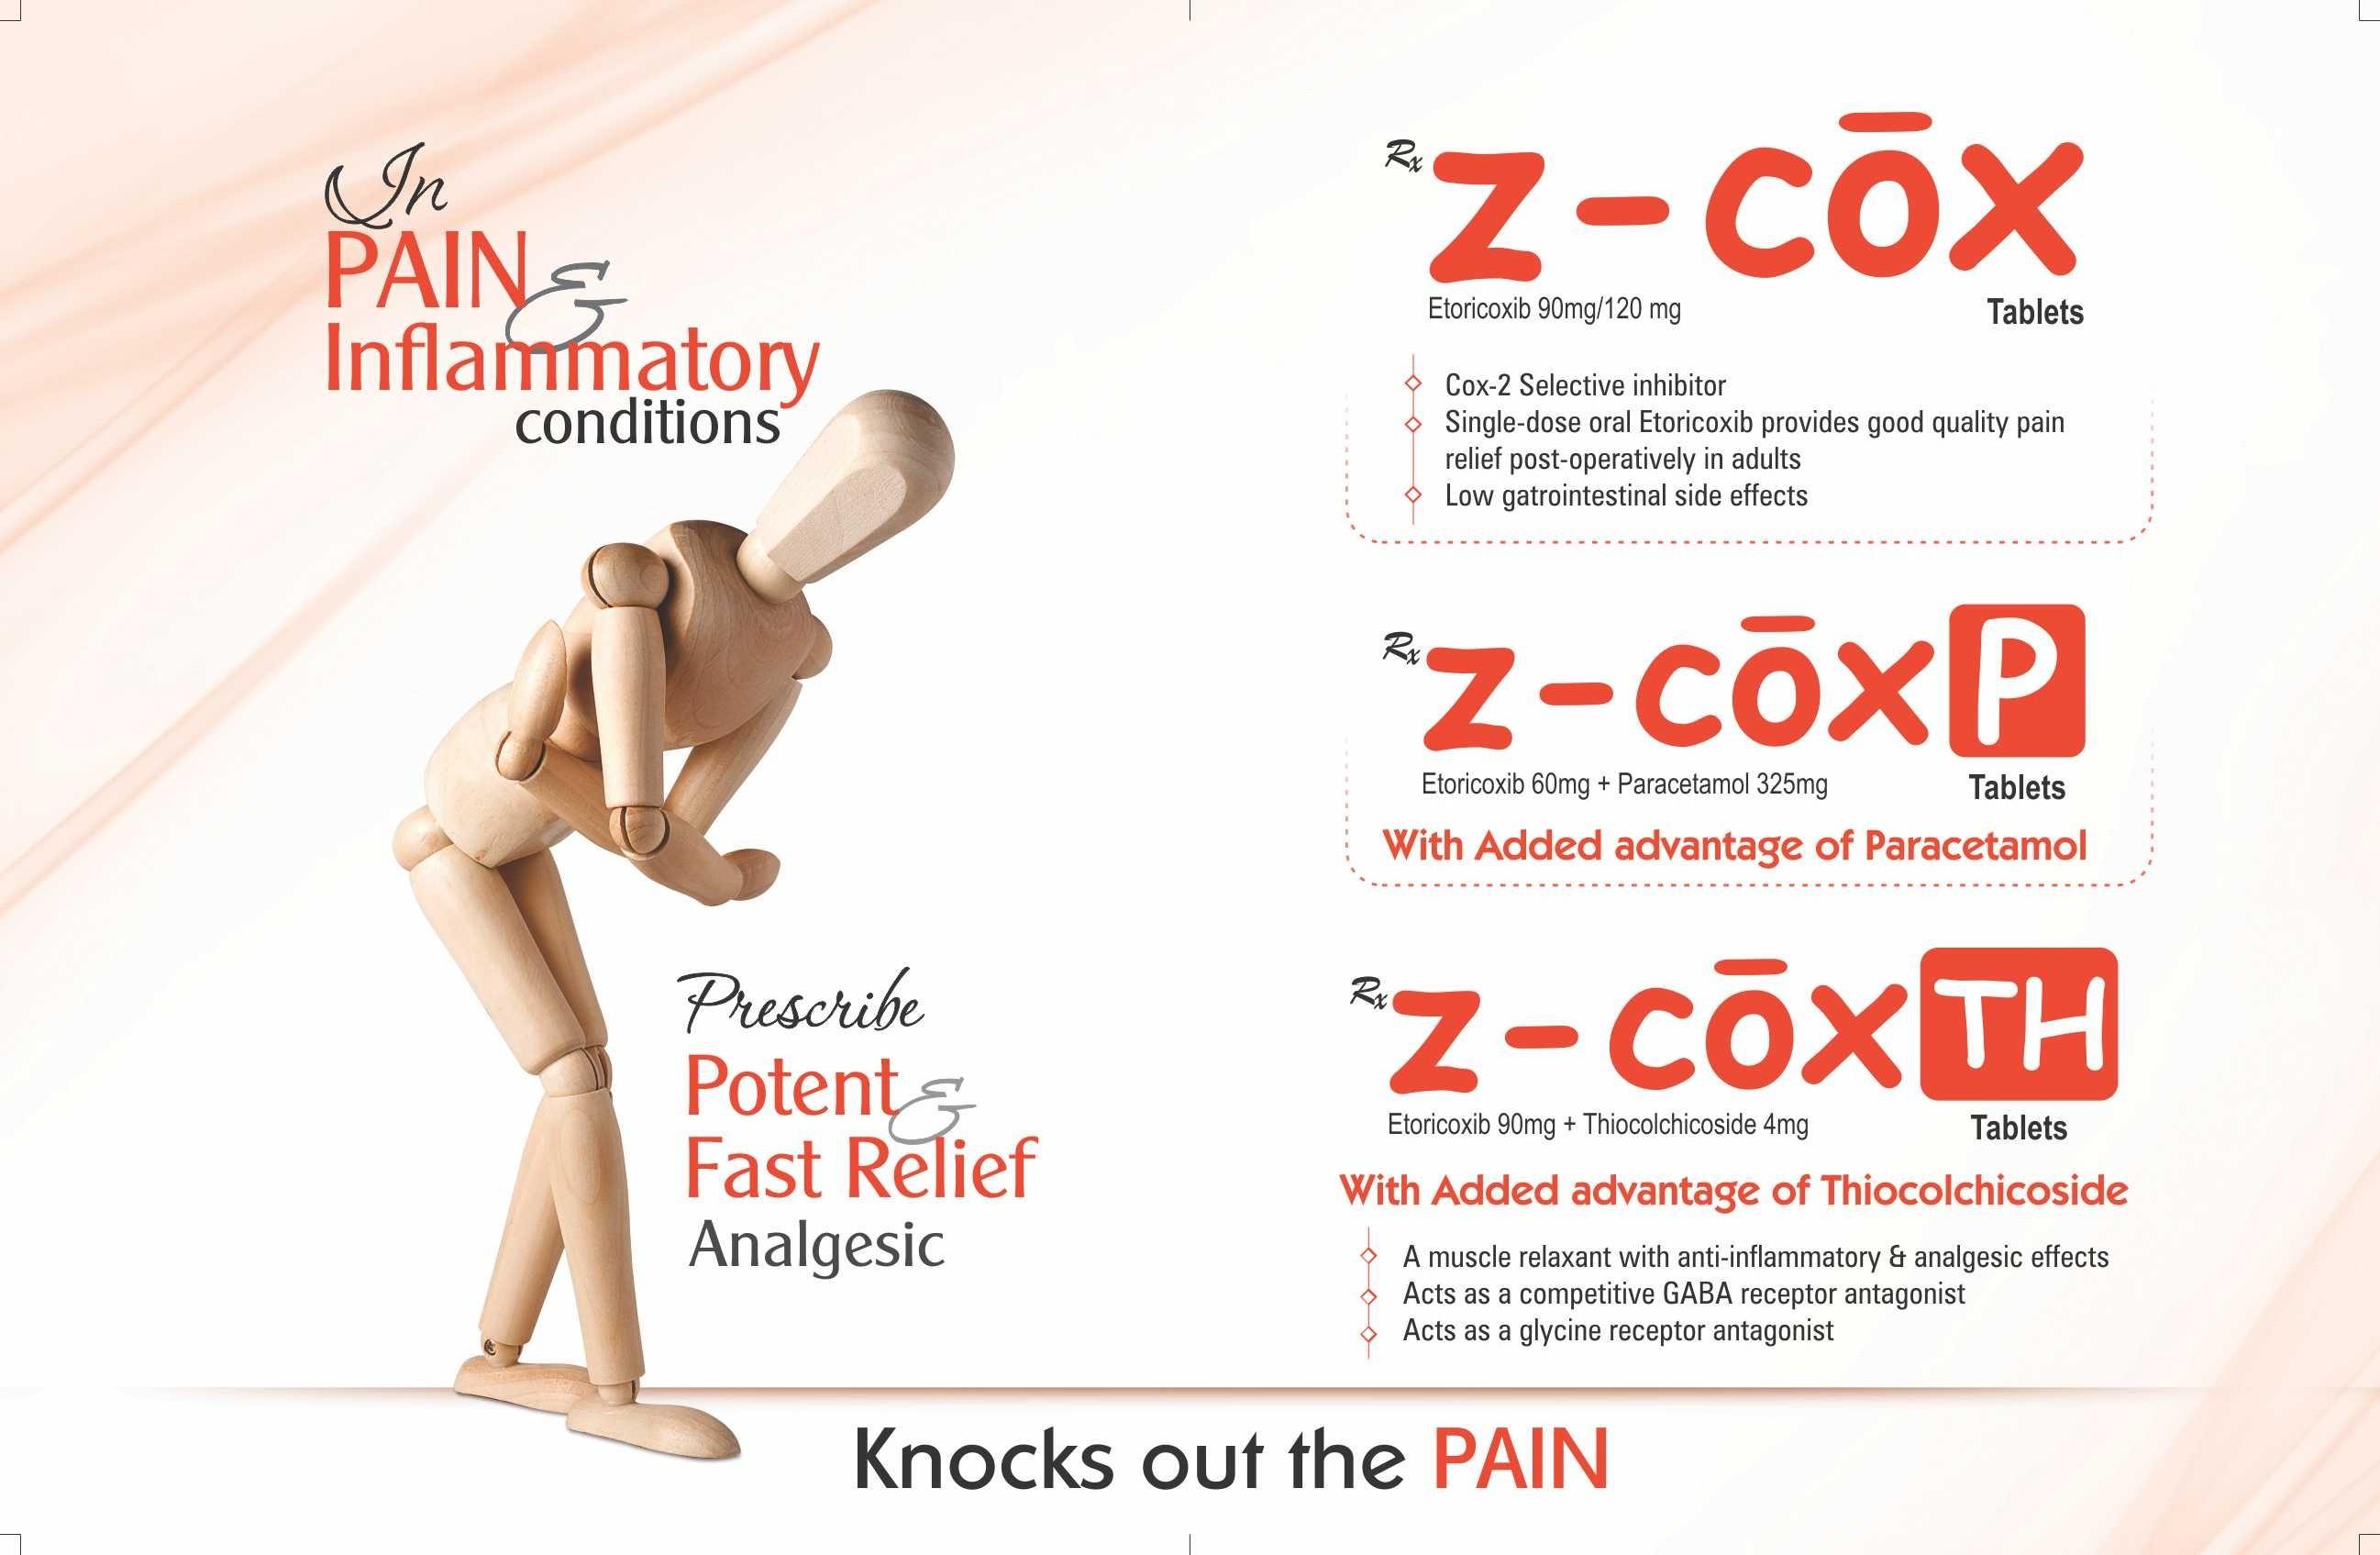 Z-Cox